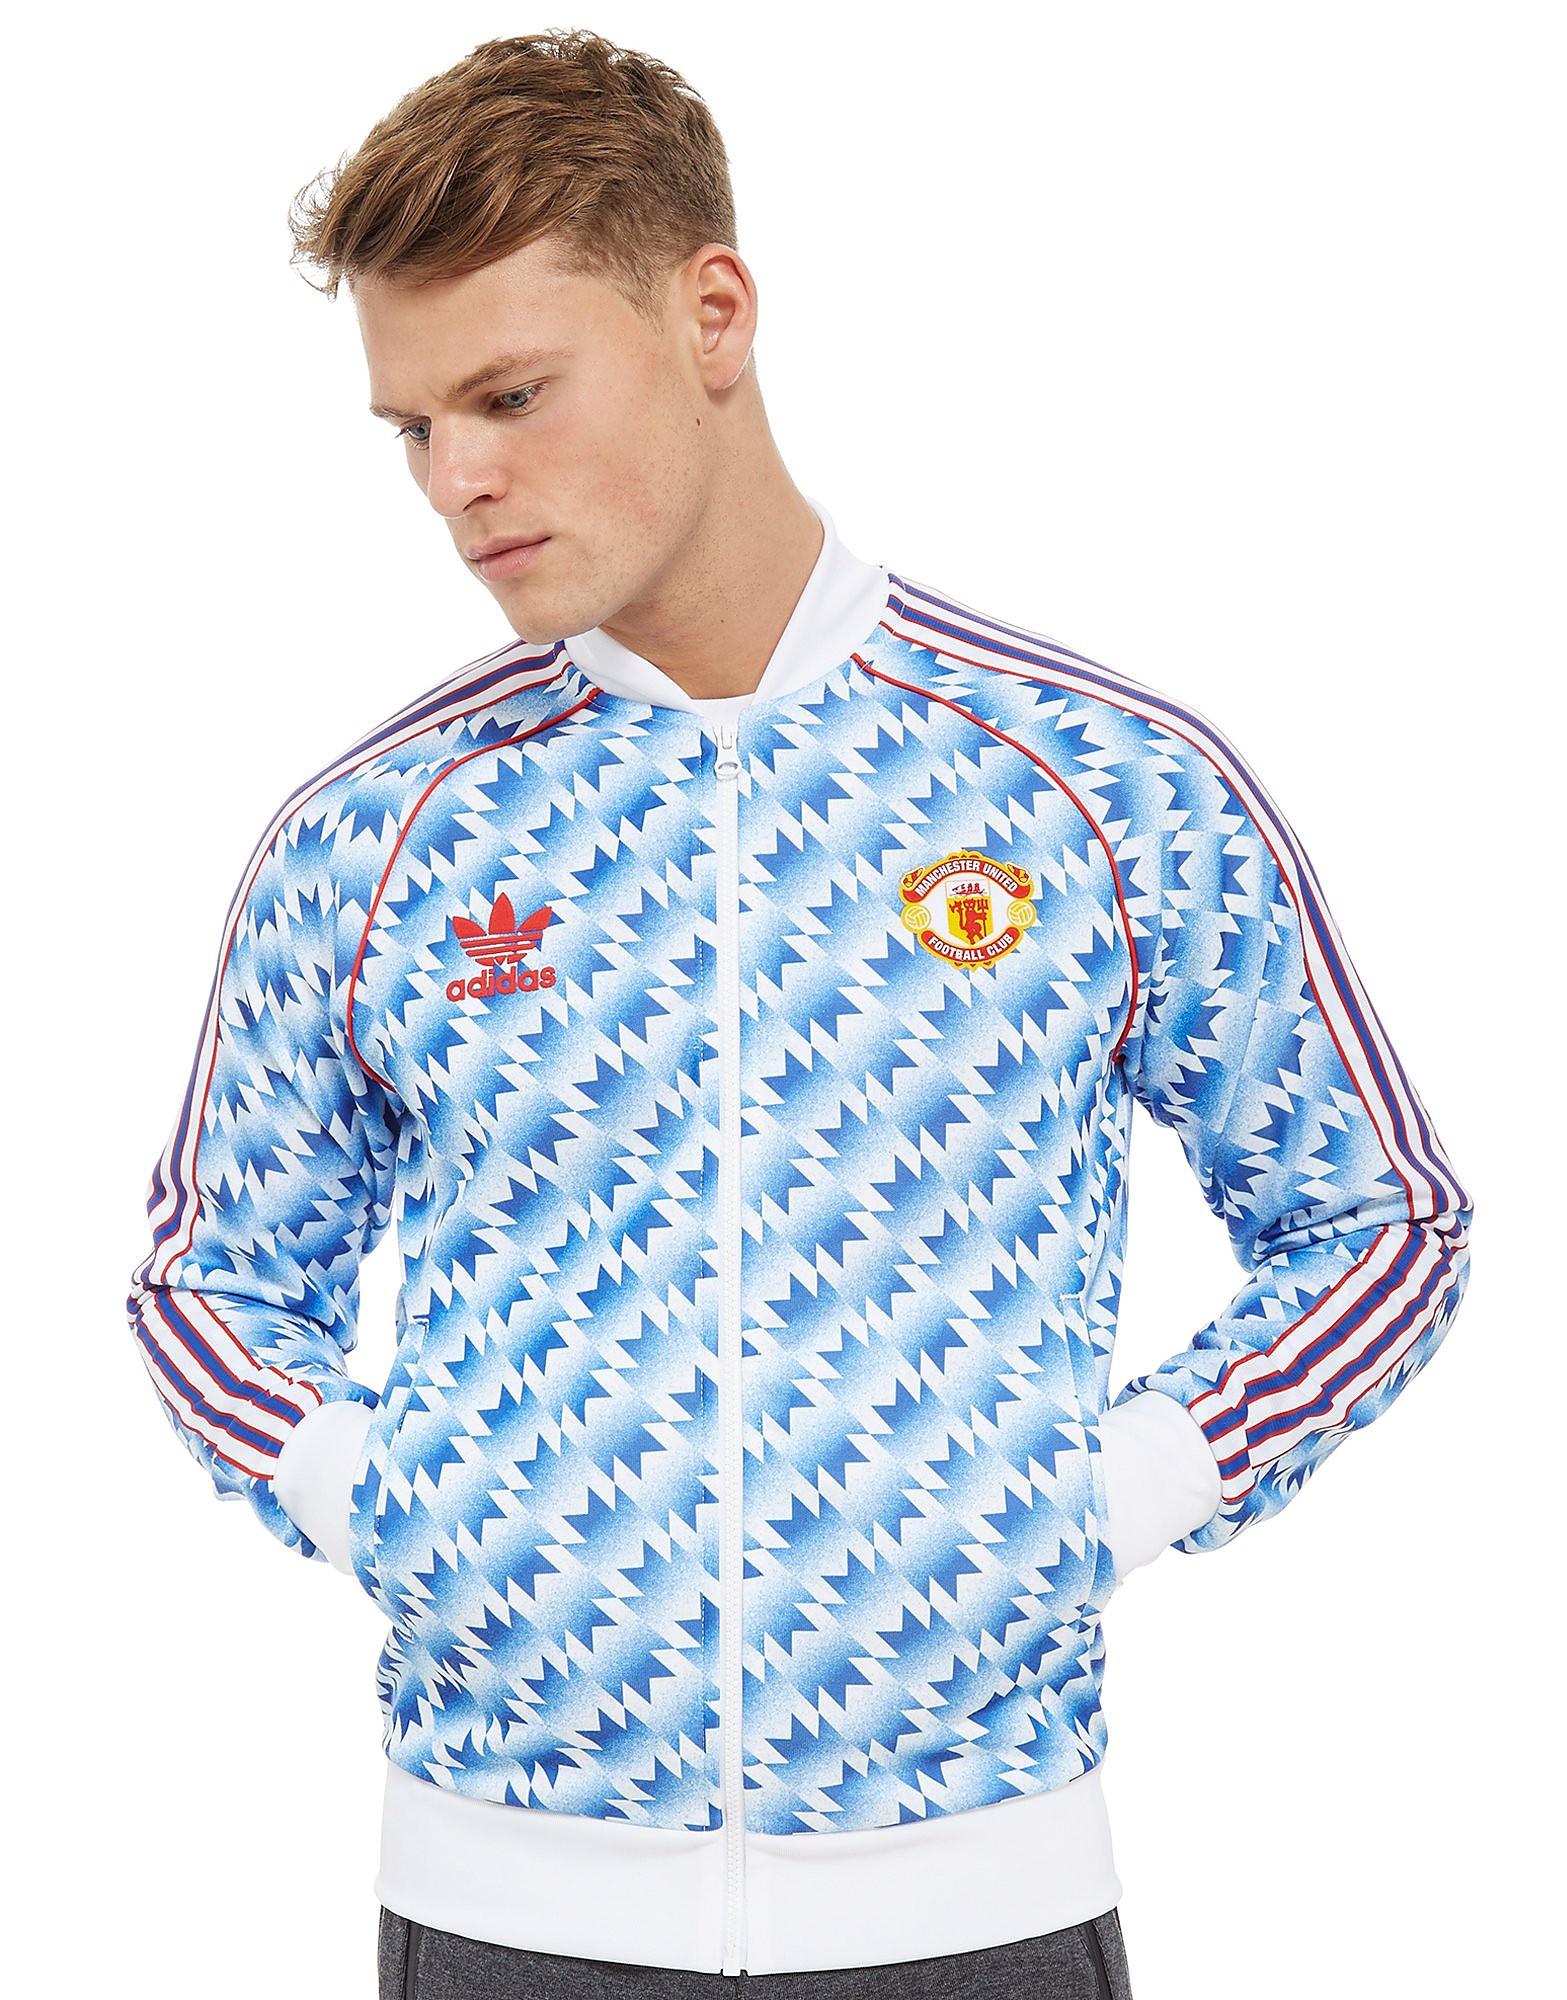 adidas Originals Manchester United FC Giacca Sportiva